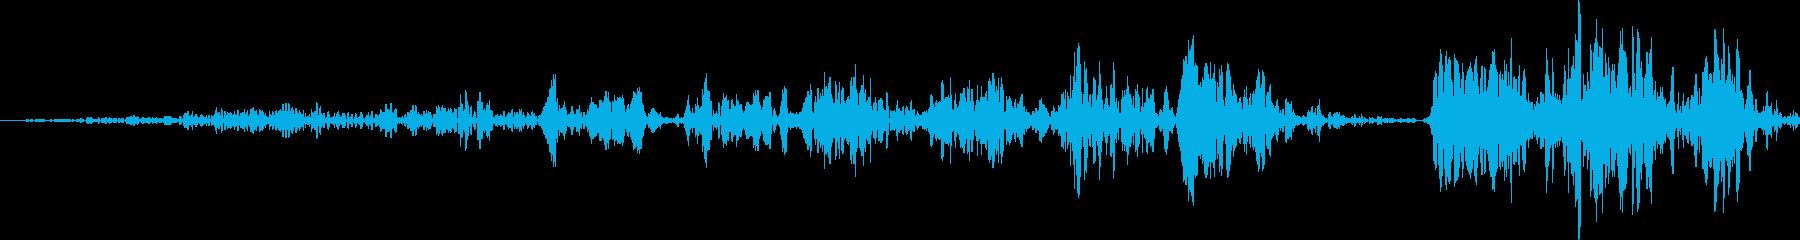 遅いフィルターが開いているの再生済みの波形